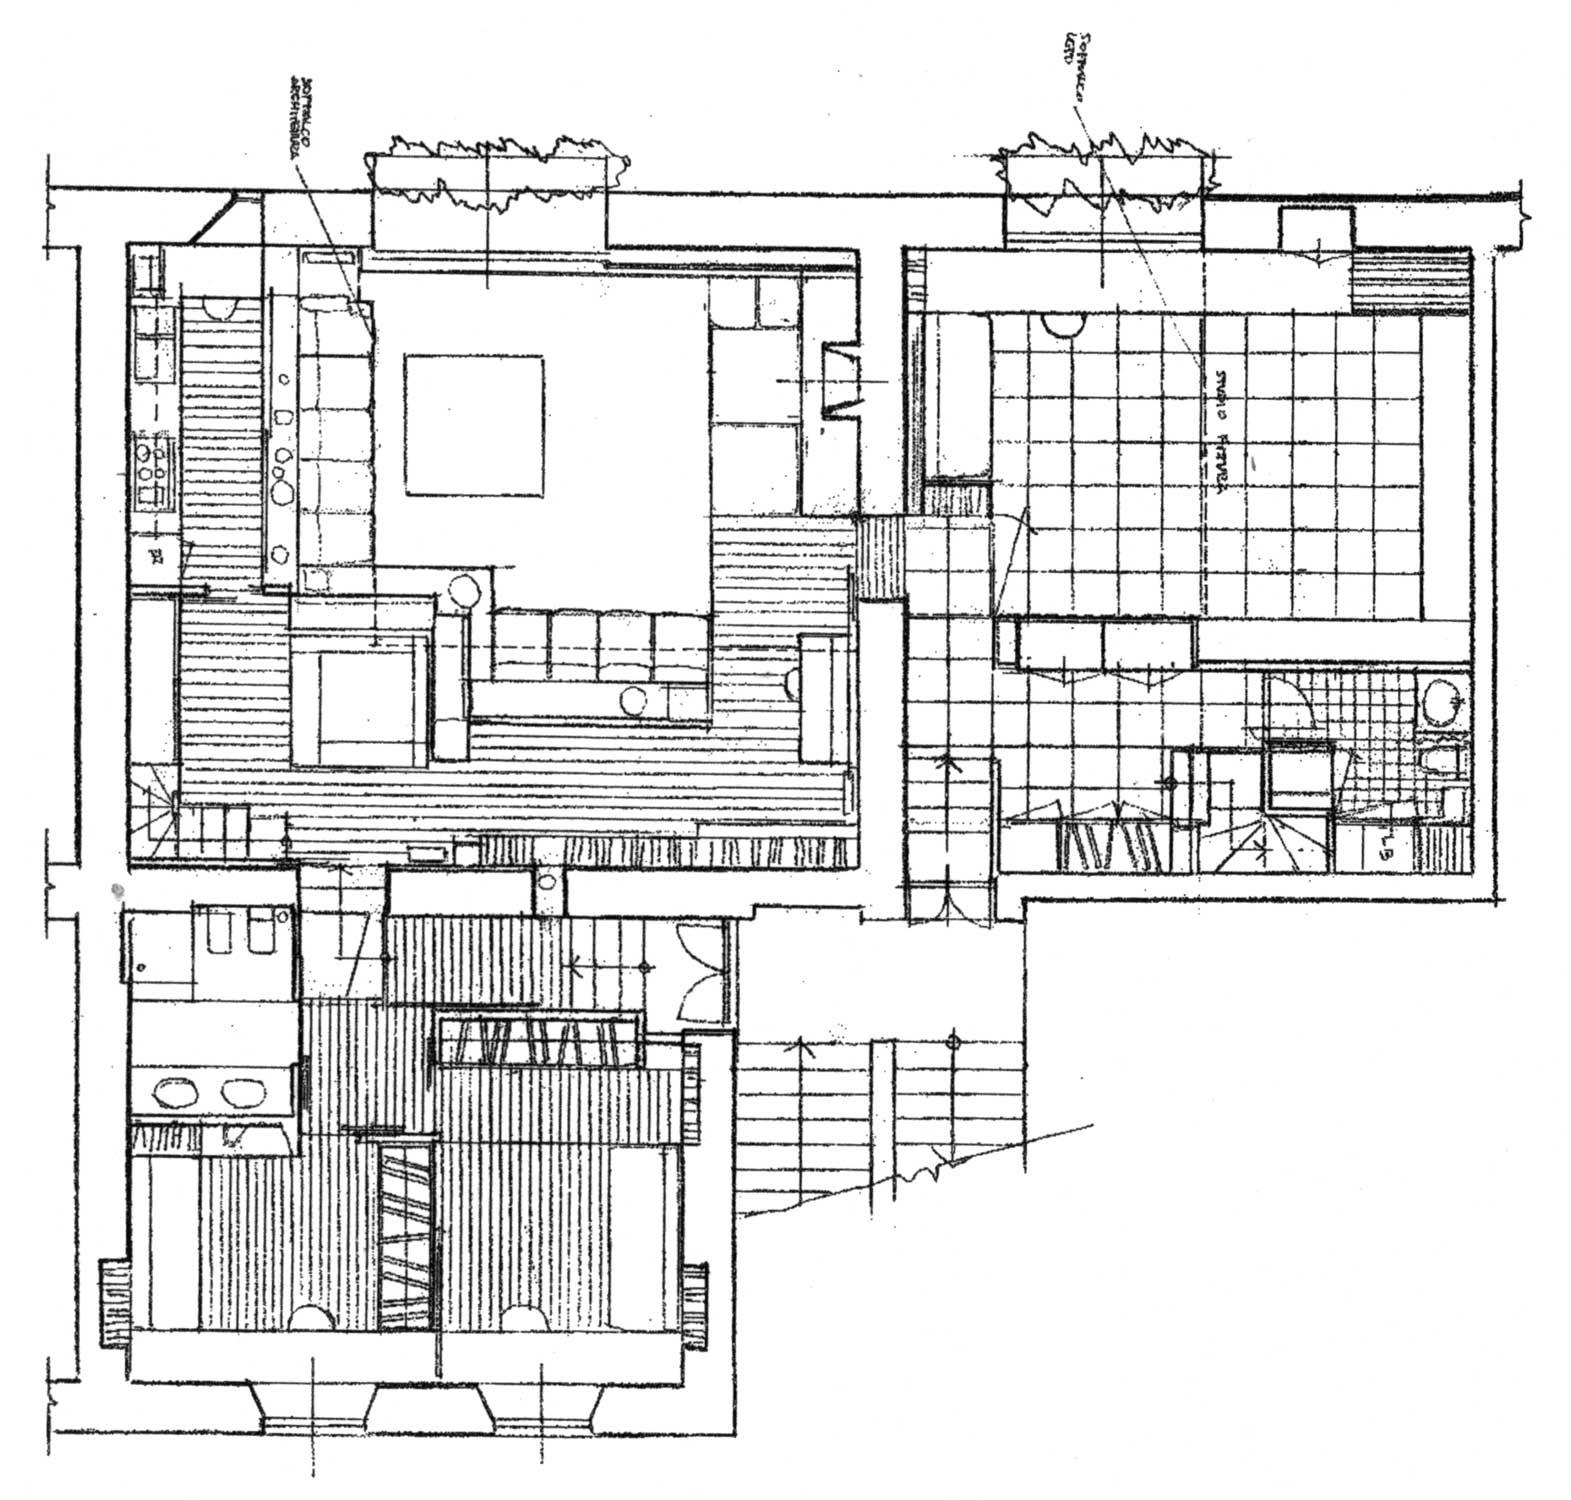 33 - Arredamento di casa-studio M. G. in via Margutta, Roma; con E. Monti - Pianta